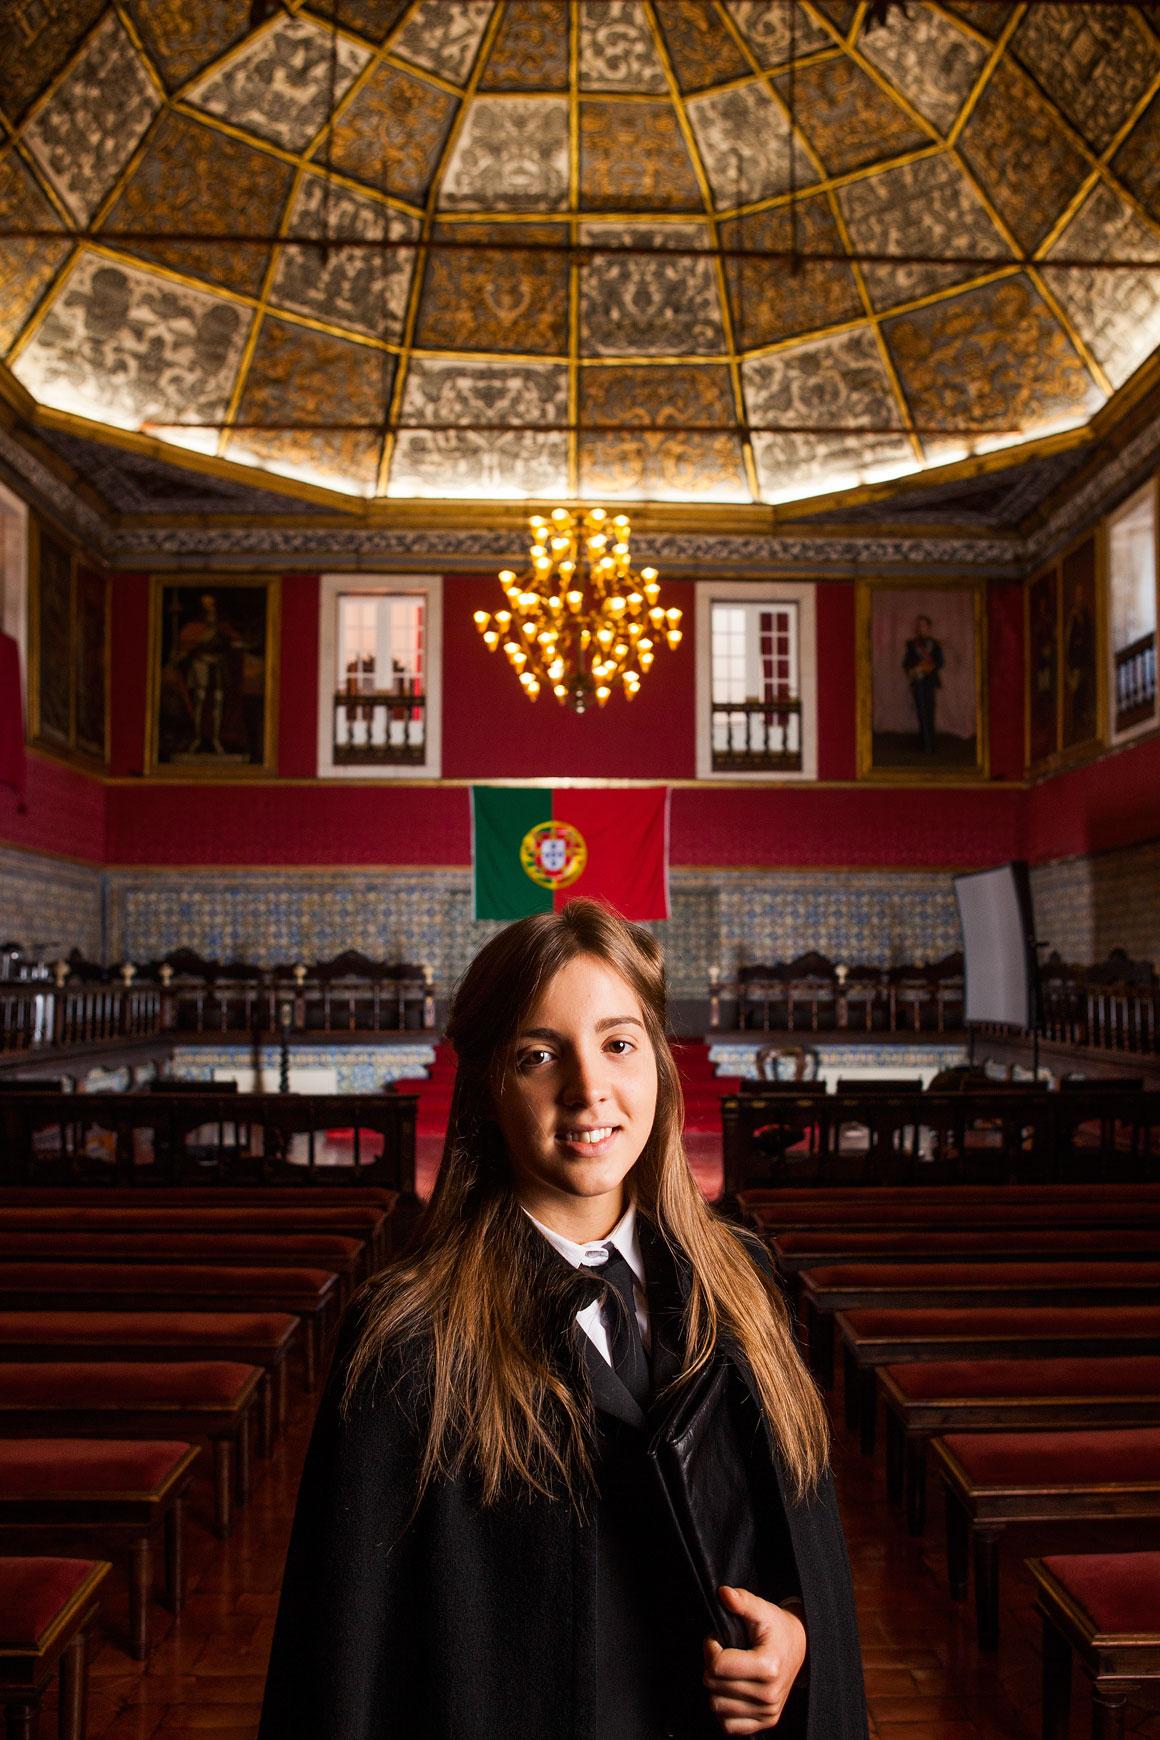 Joana Marcelino, 20 anos, estudante na Universidade de Coimbra